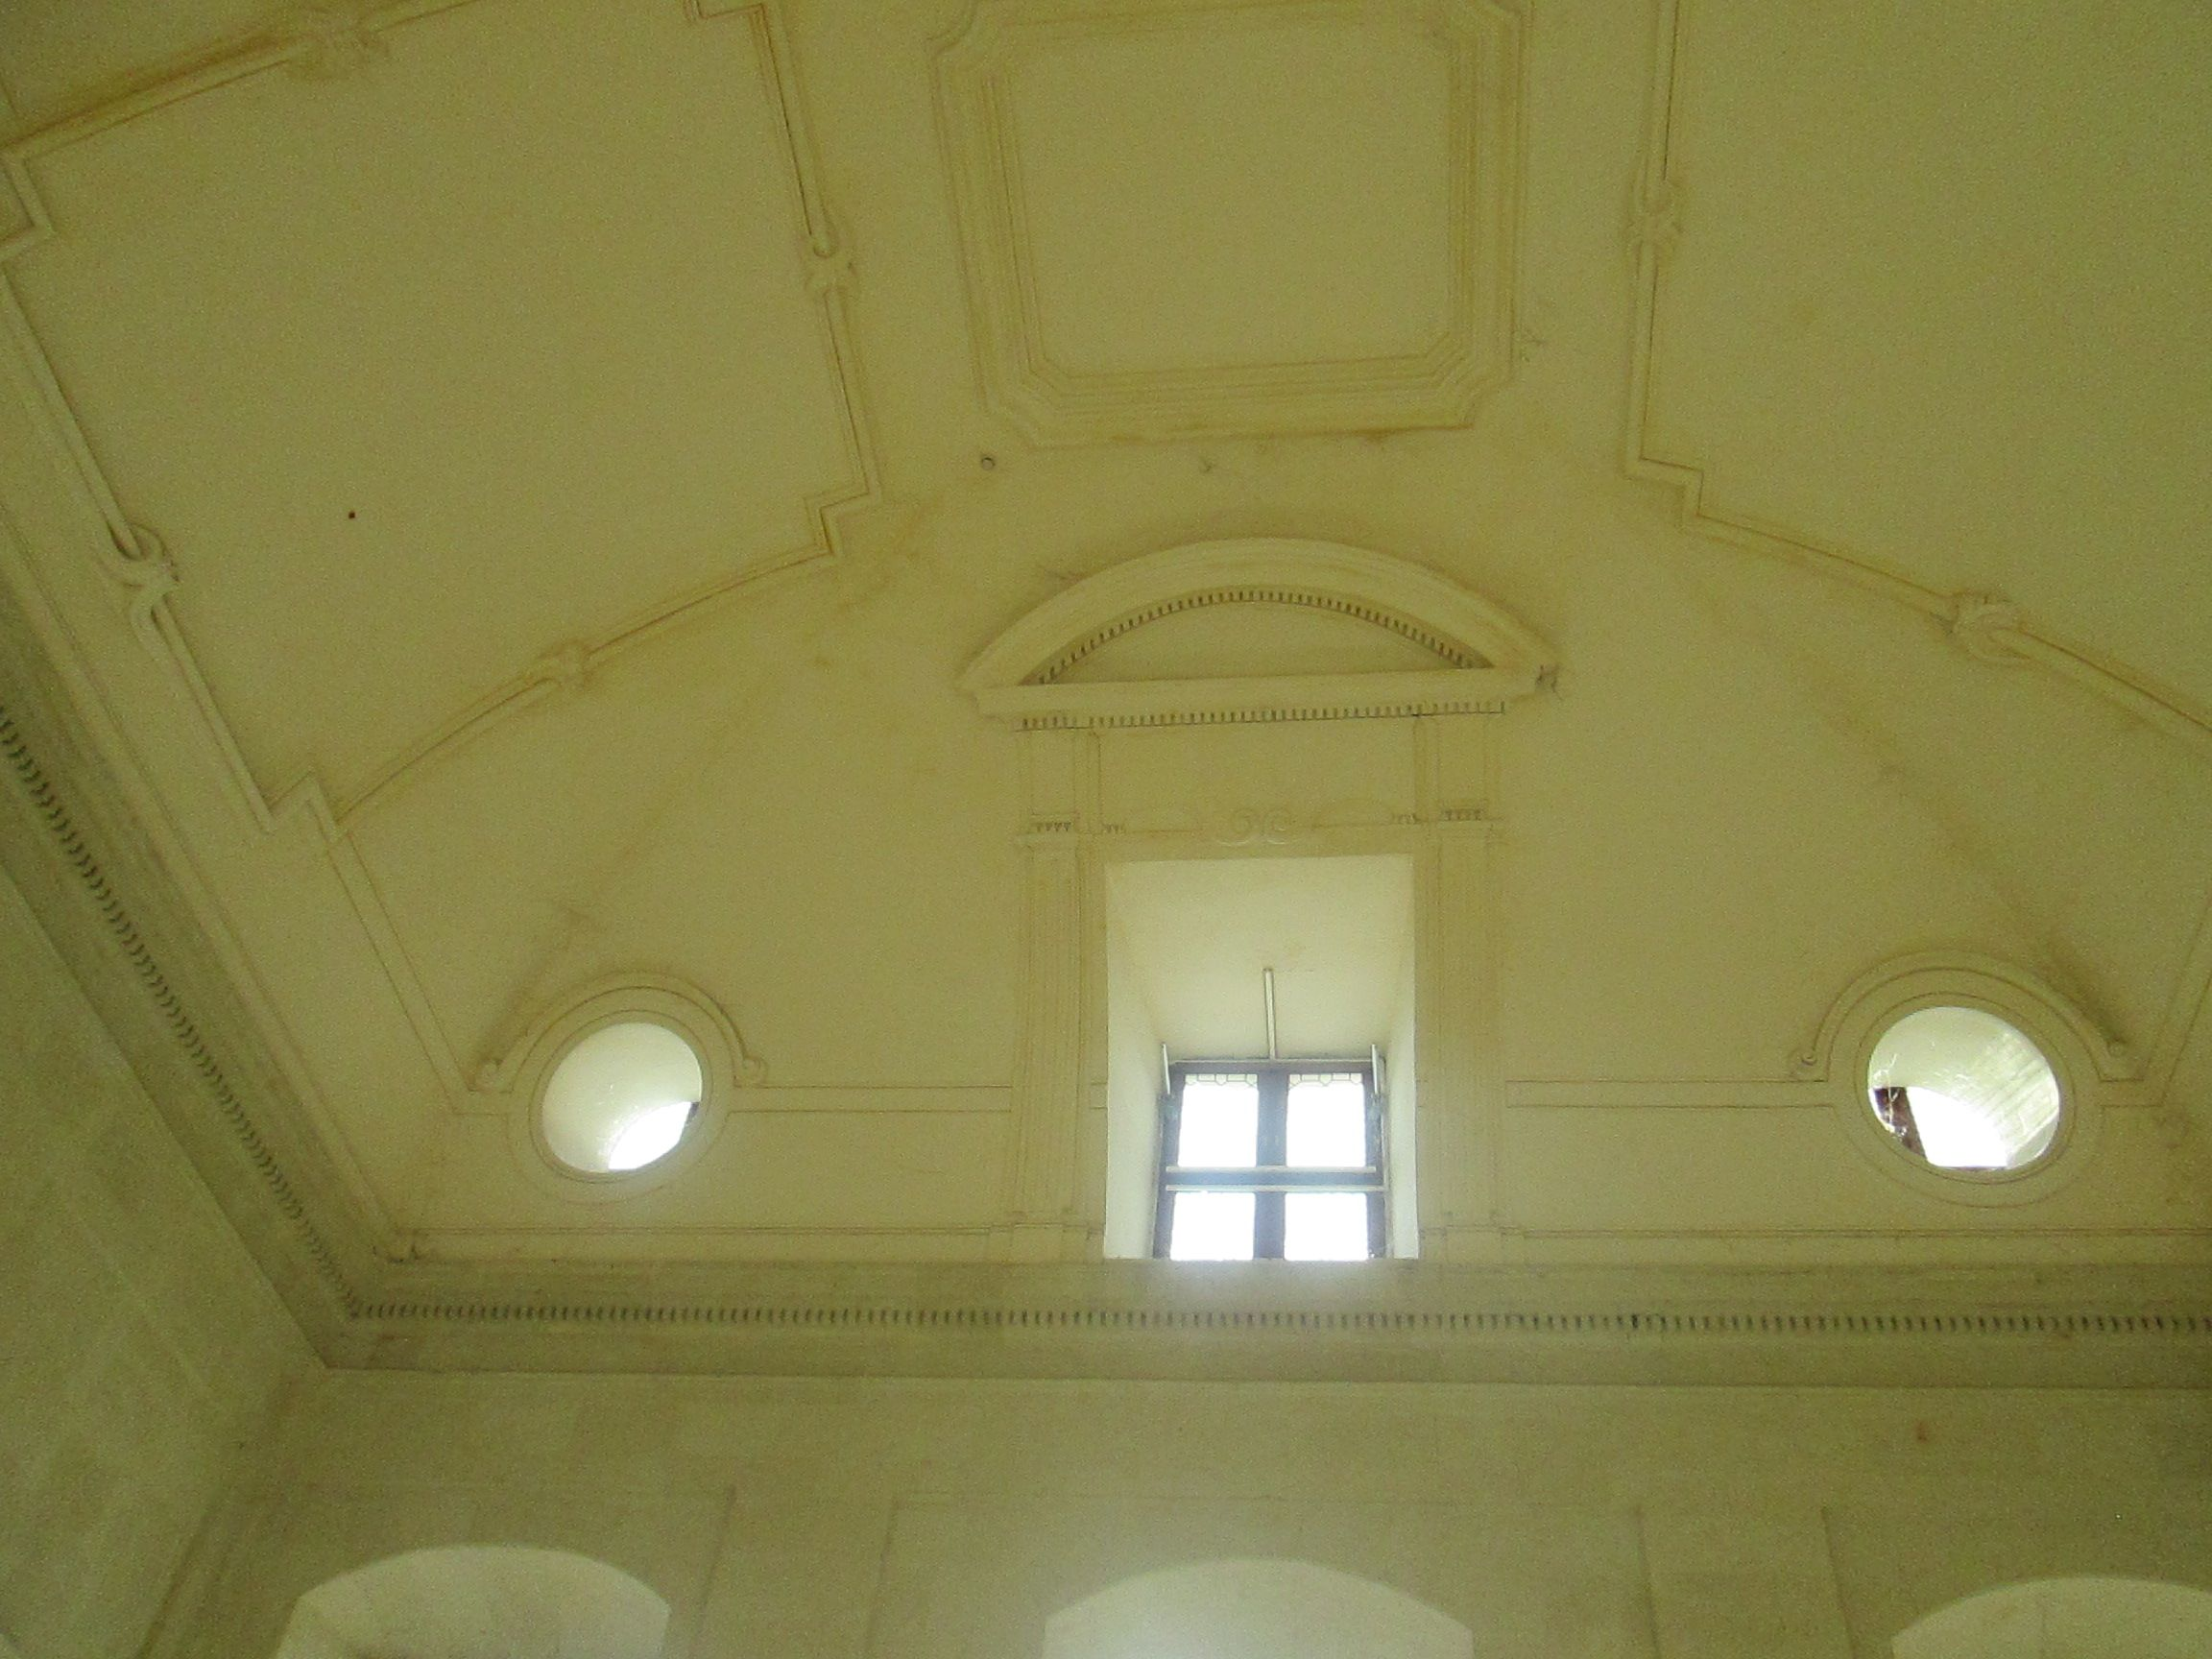 Plafond de l'escalier d'honneur du chateau de Thouars - Le château, durant la Guerre de Cent Ans, tantôt anglais, tantôt français, fut pris, repris, incendié, démoli, reconstruit, jusqu'à ce que Du Guesclin, en 1372, y mît un terme et rendît définitivement la vicomté de Thouars au royaume de France.